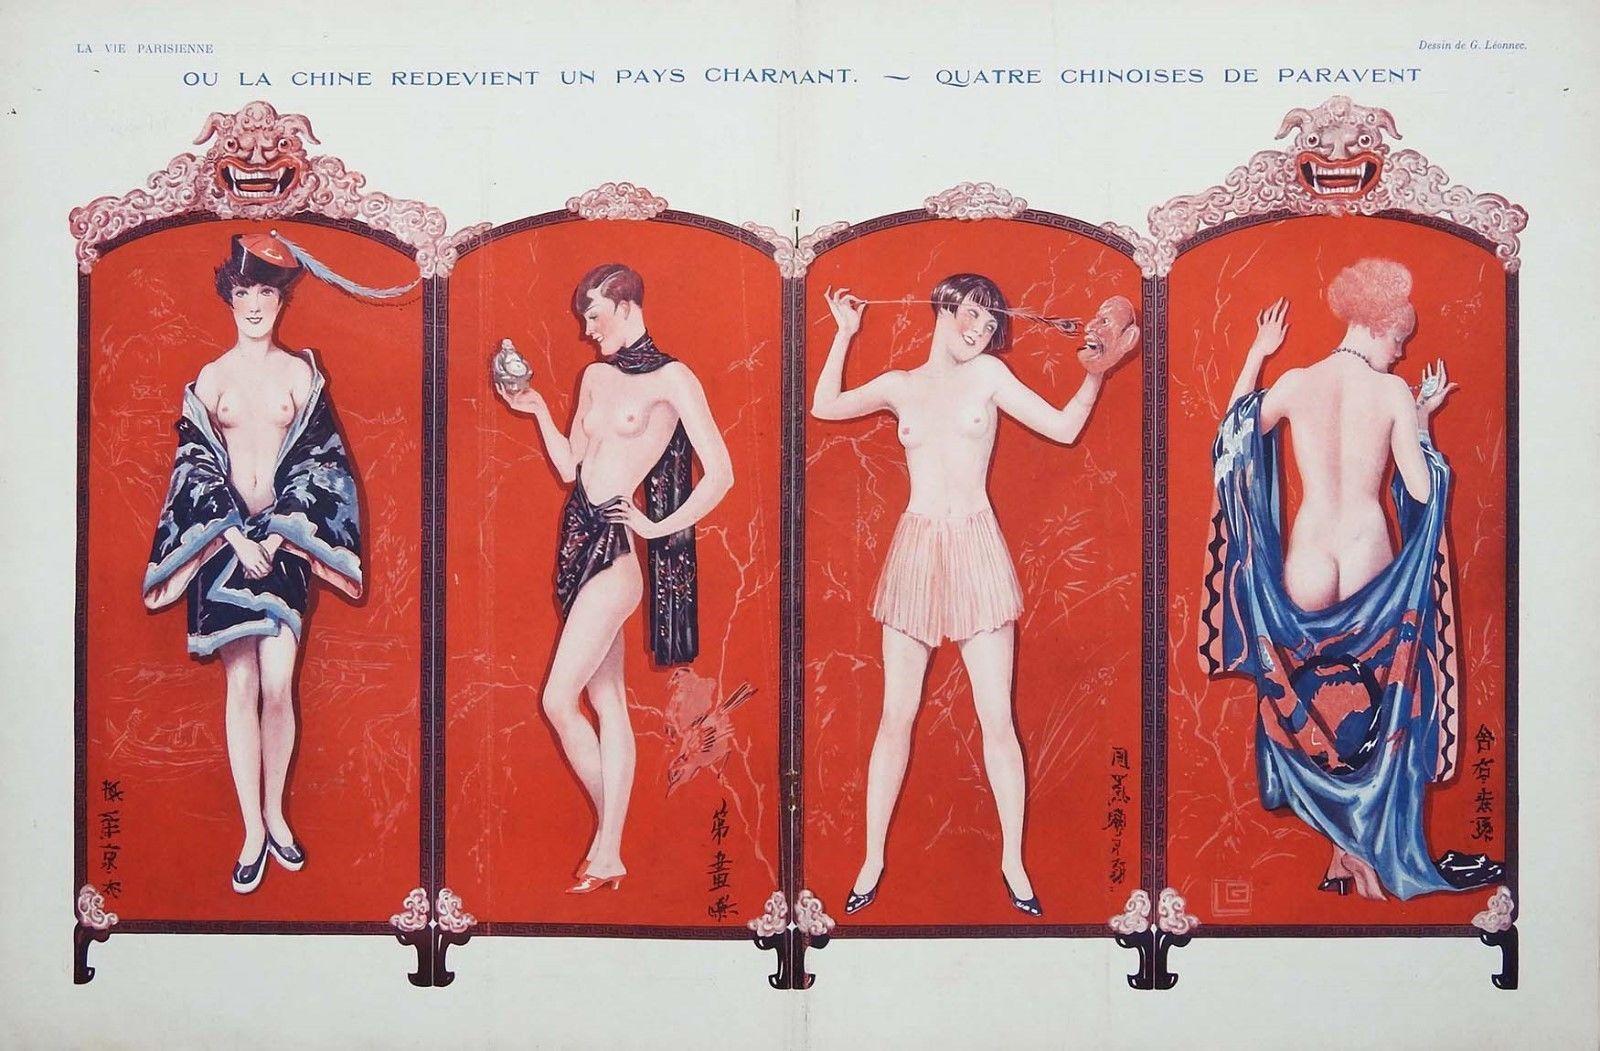 1920 Leonnec-paravent-08-1